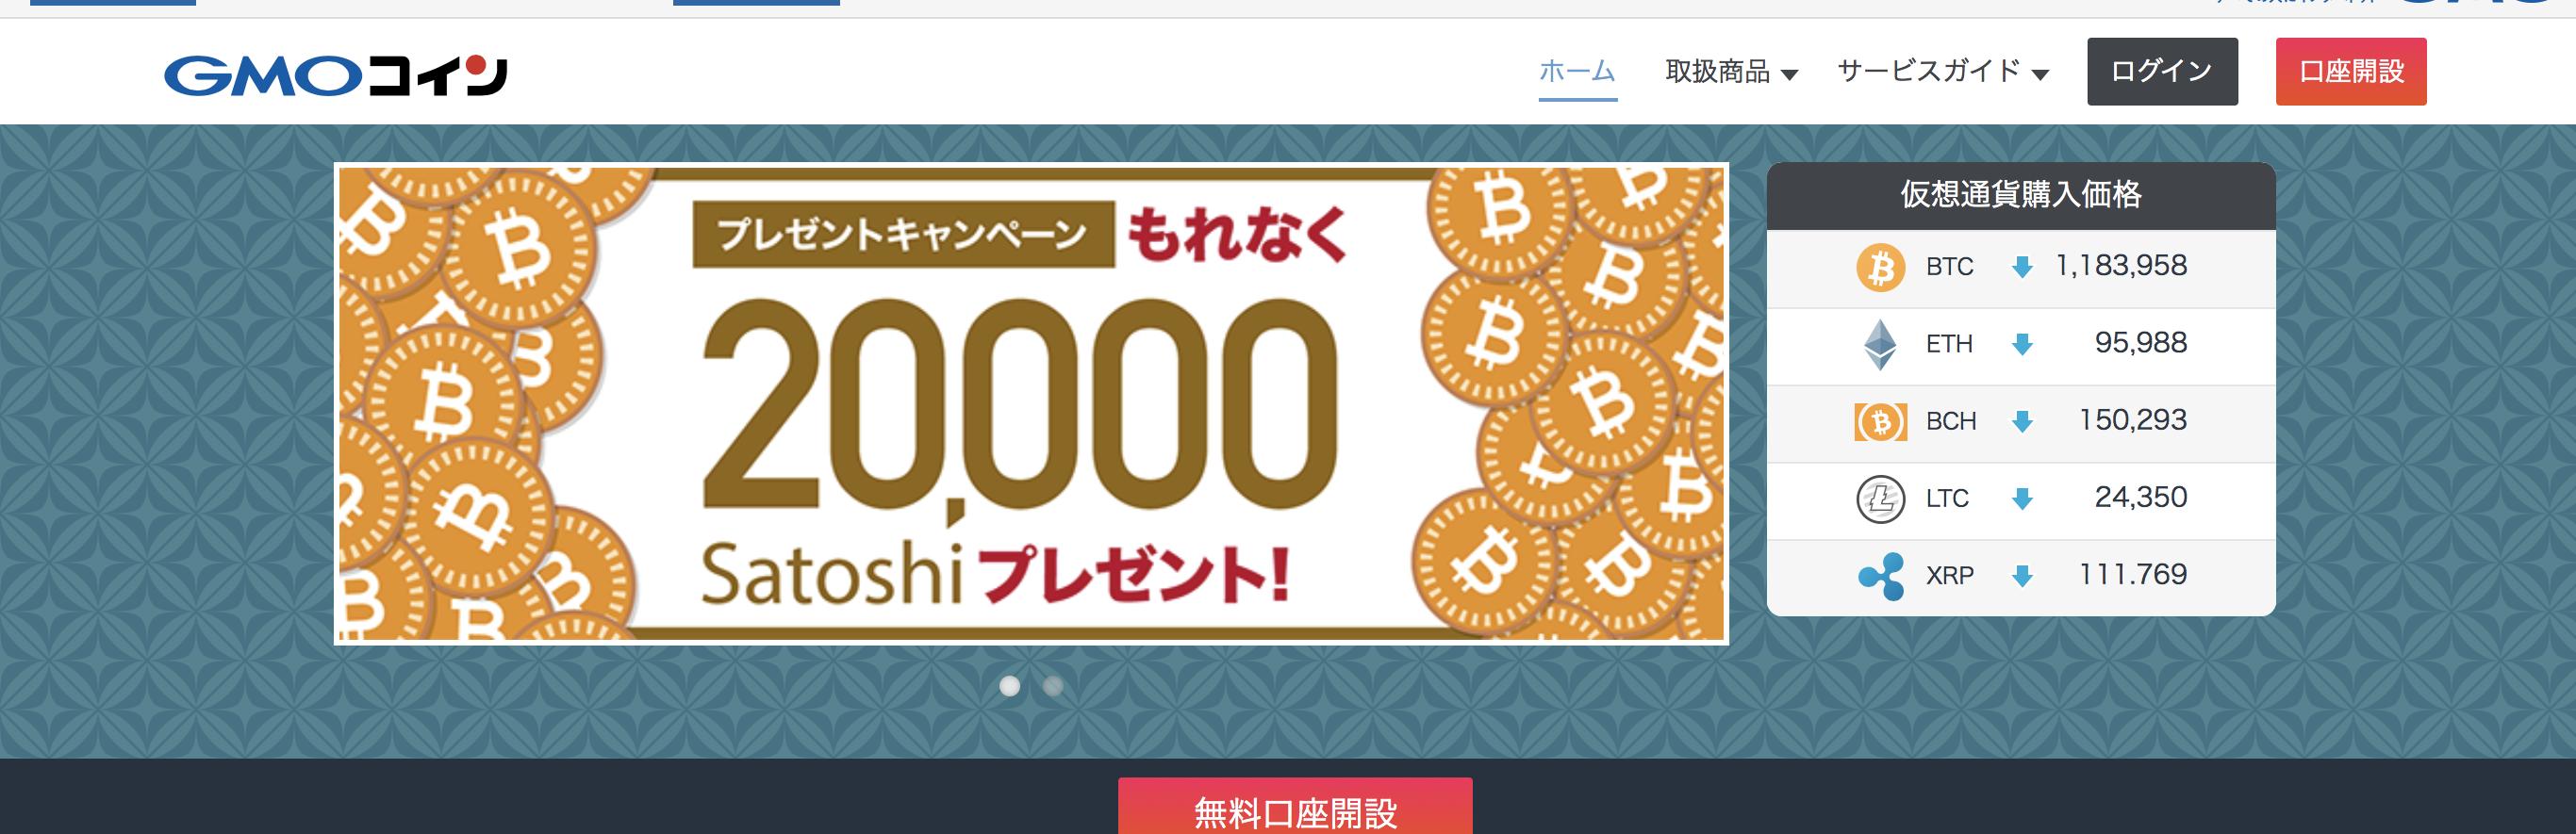 GMOコインHPのトップページ画像